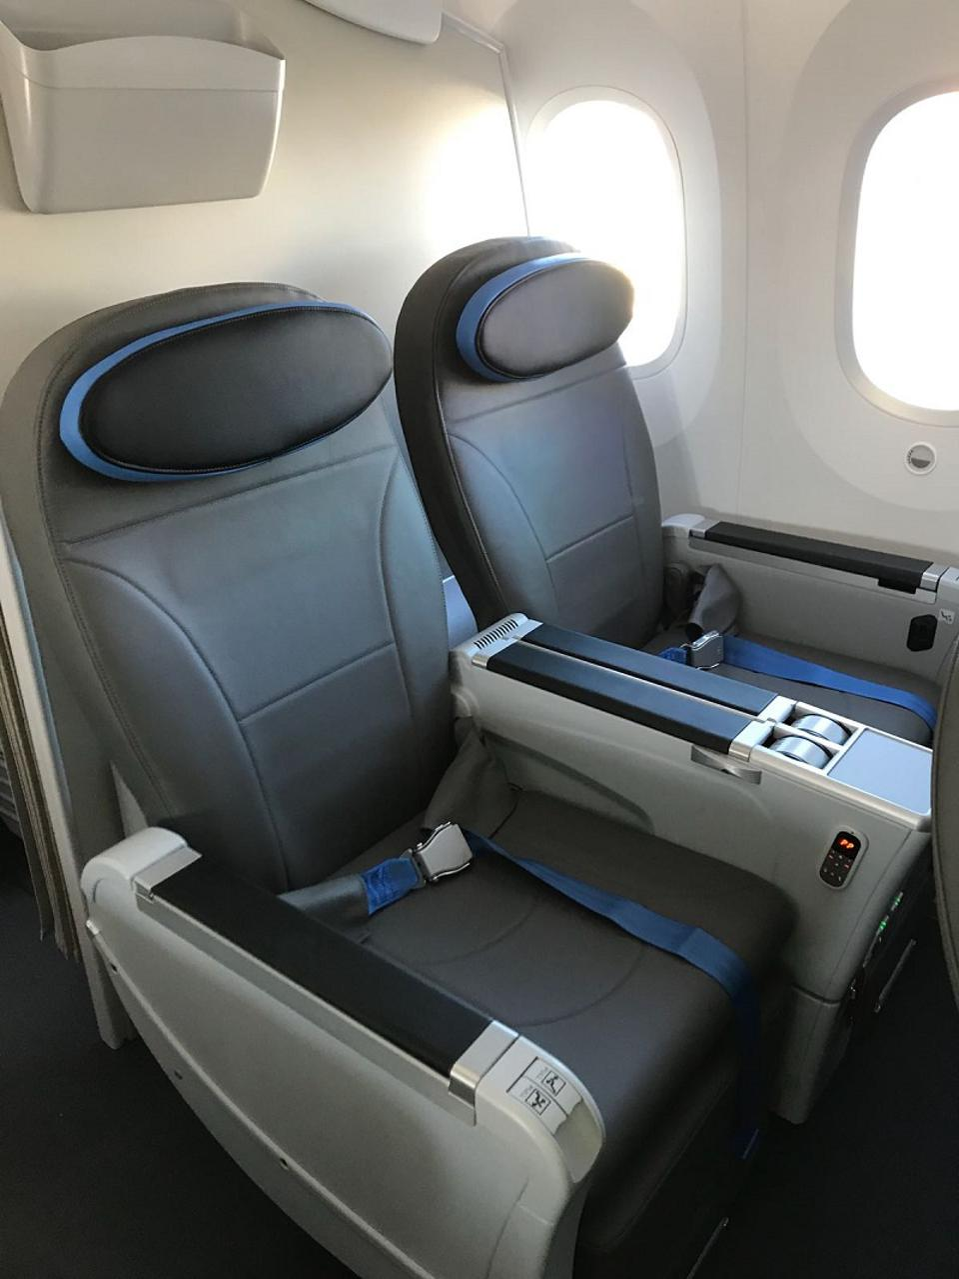 مقاعد المقصورة الممتازة على Neos Air